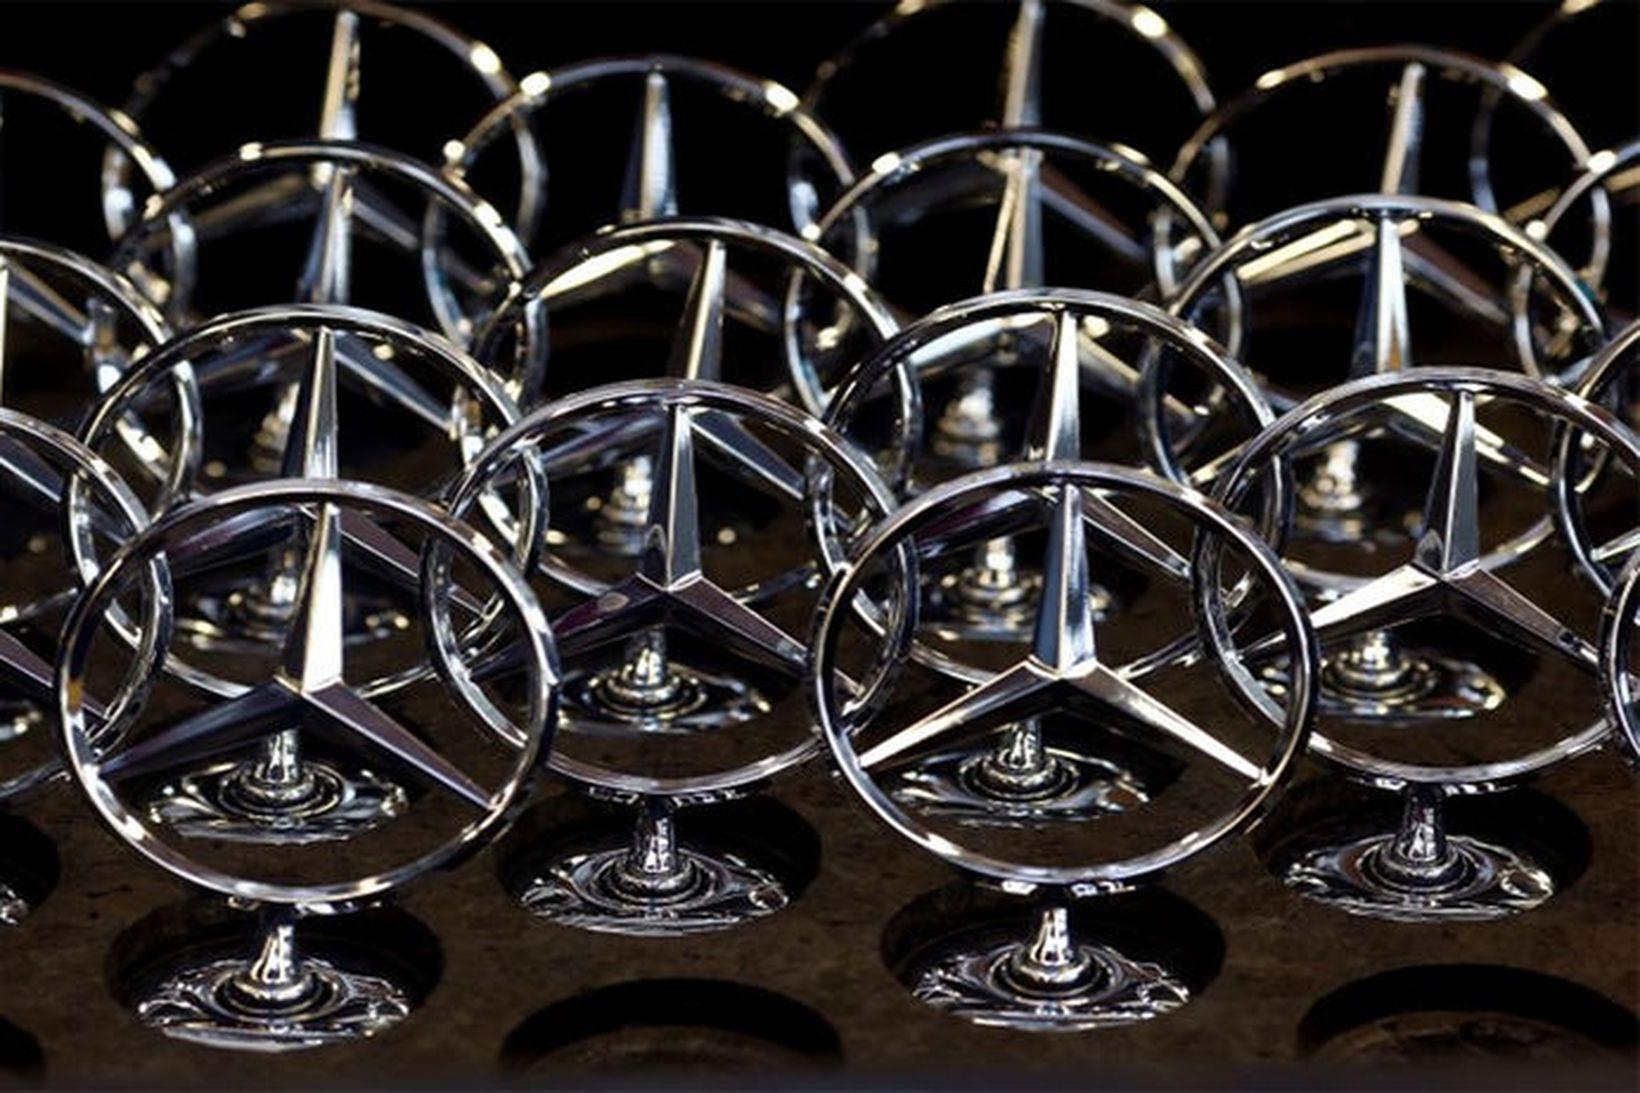 Táknmerki Mercedes-Benz